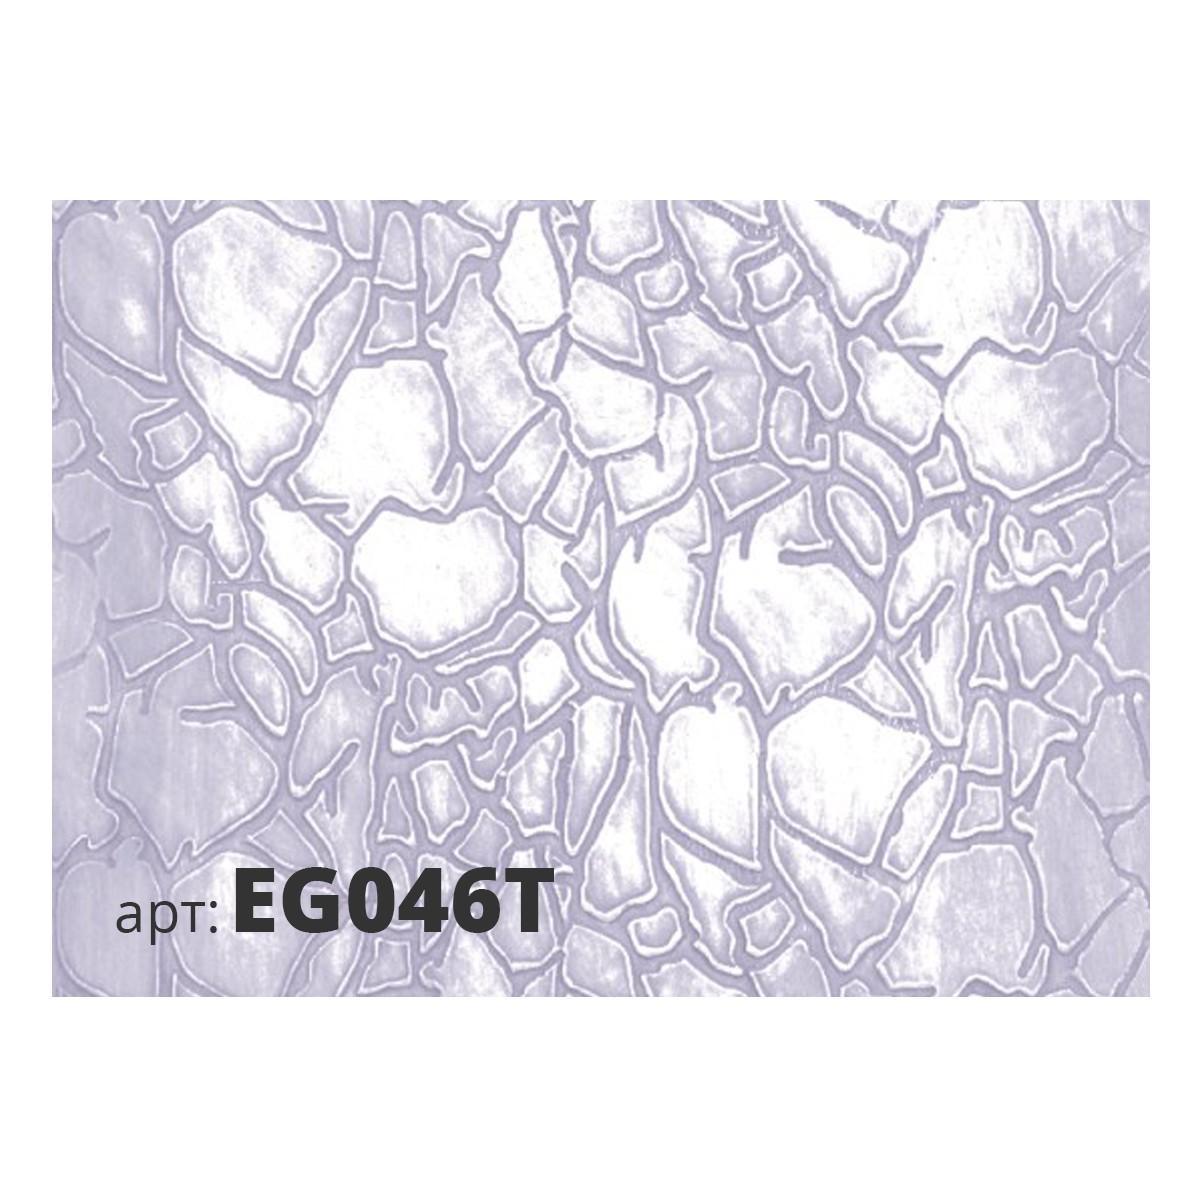 Декоративный жесткий резиновый валик КРАКЛЕ EG046T